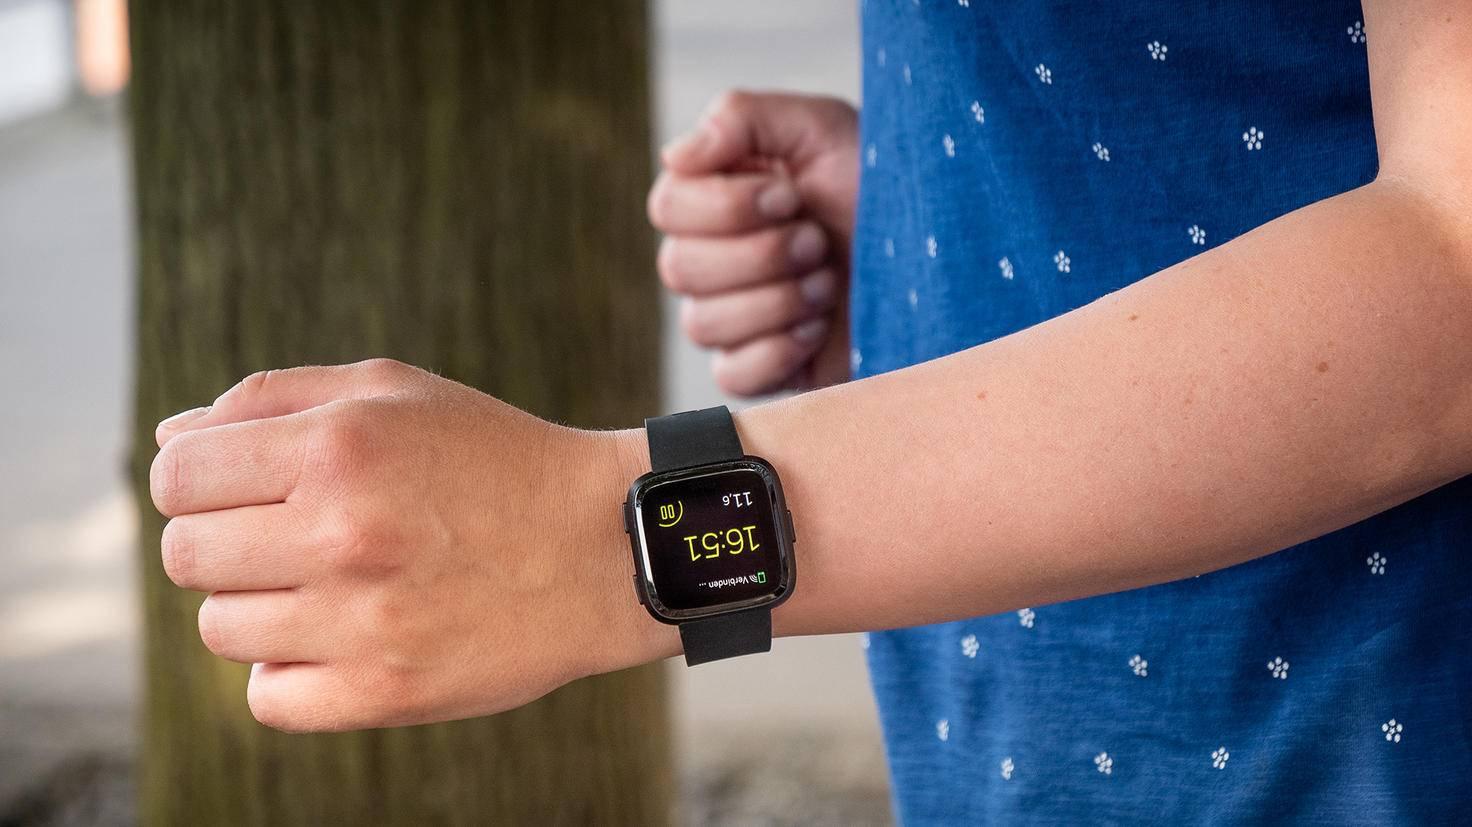 Und Action: Per Knopfdruck lässt sich der Timer für die nächste Joggingrunde starten.